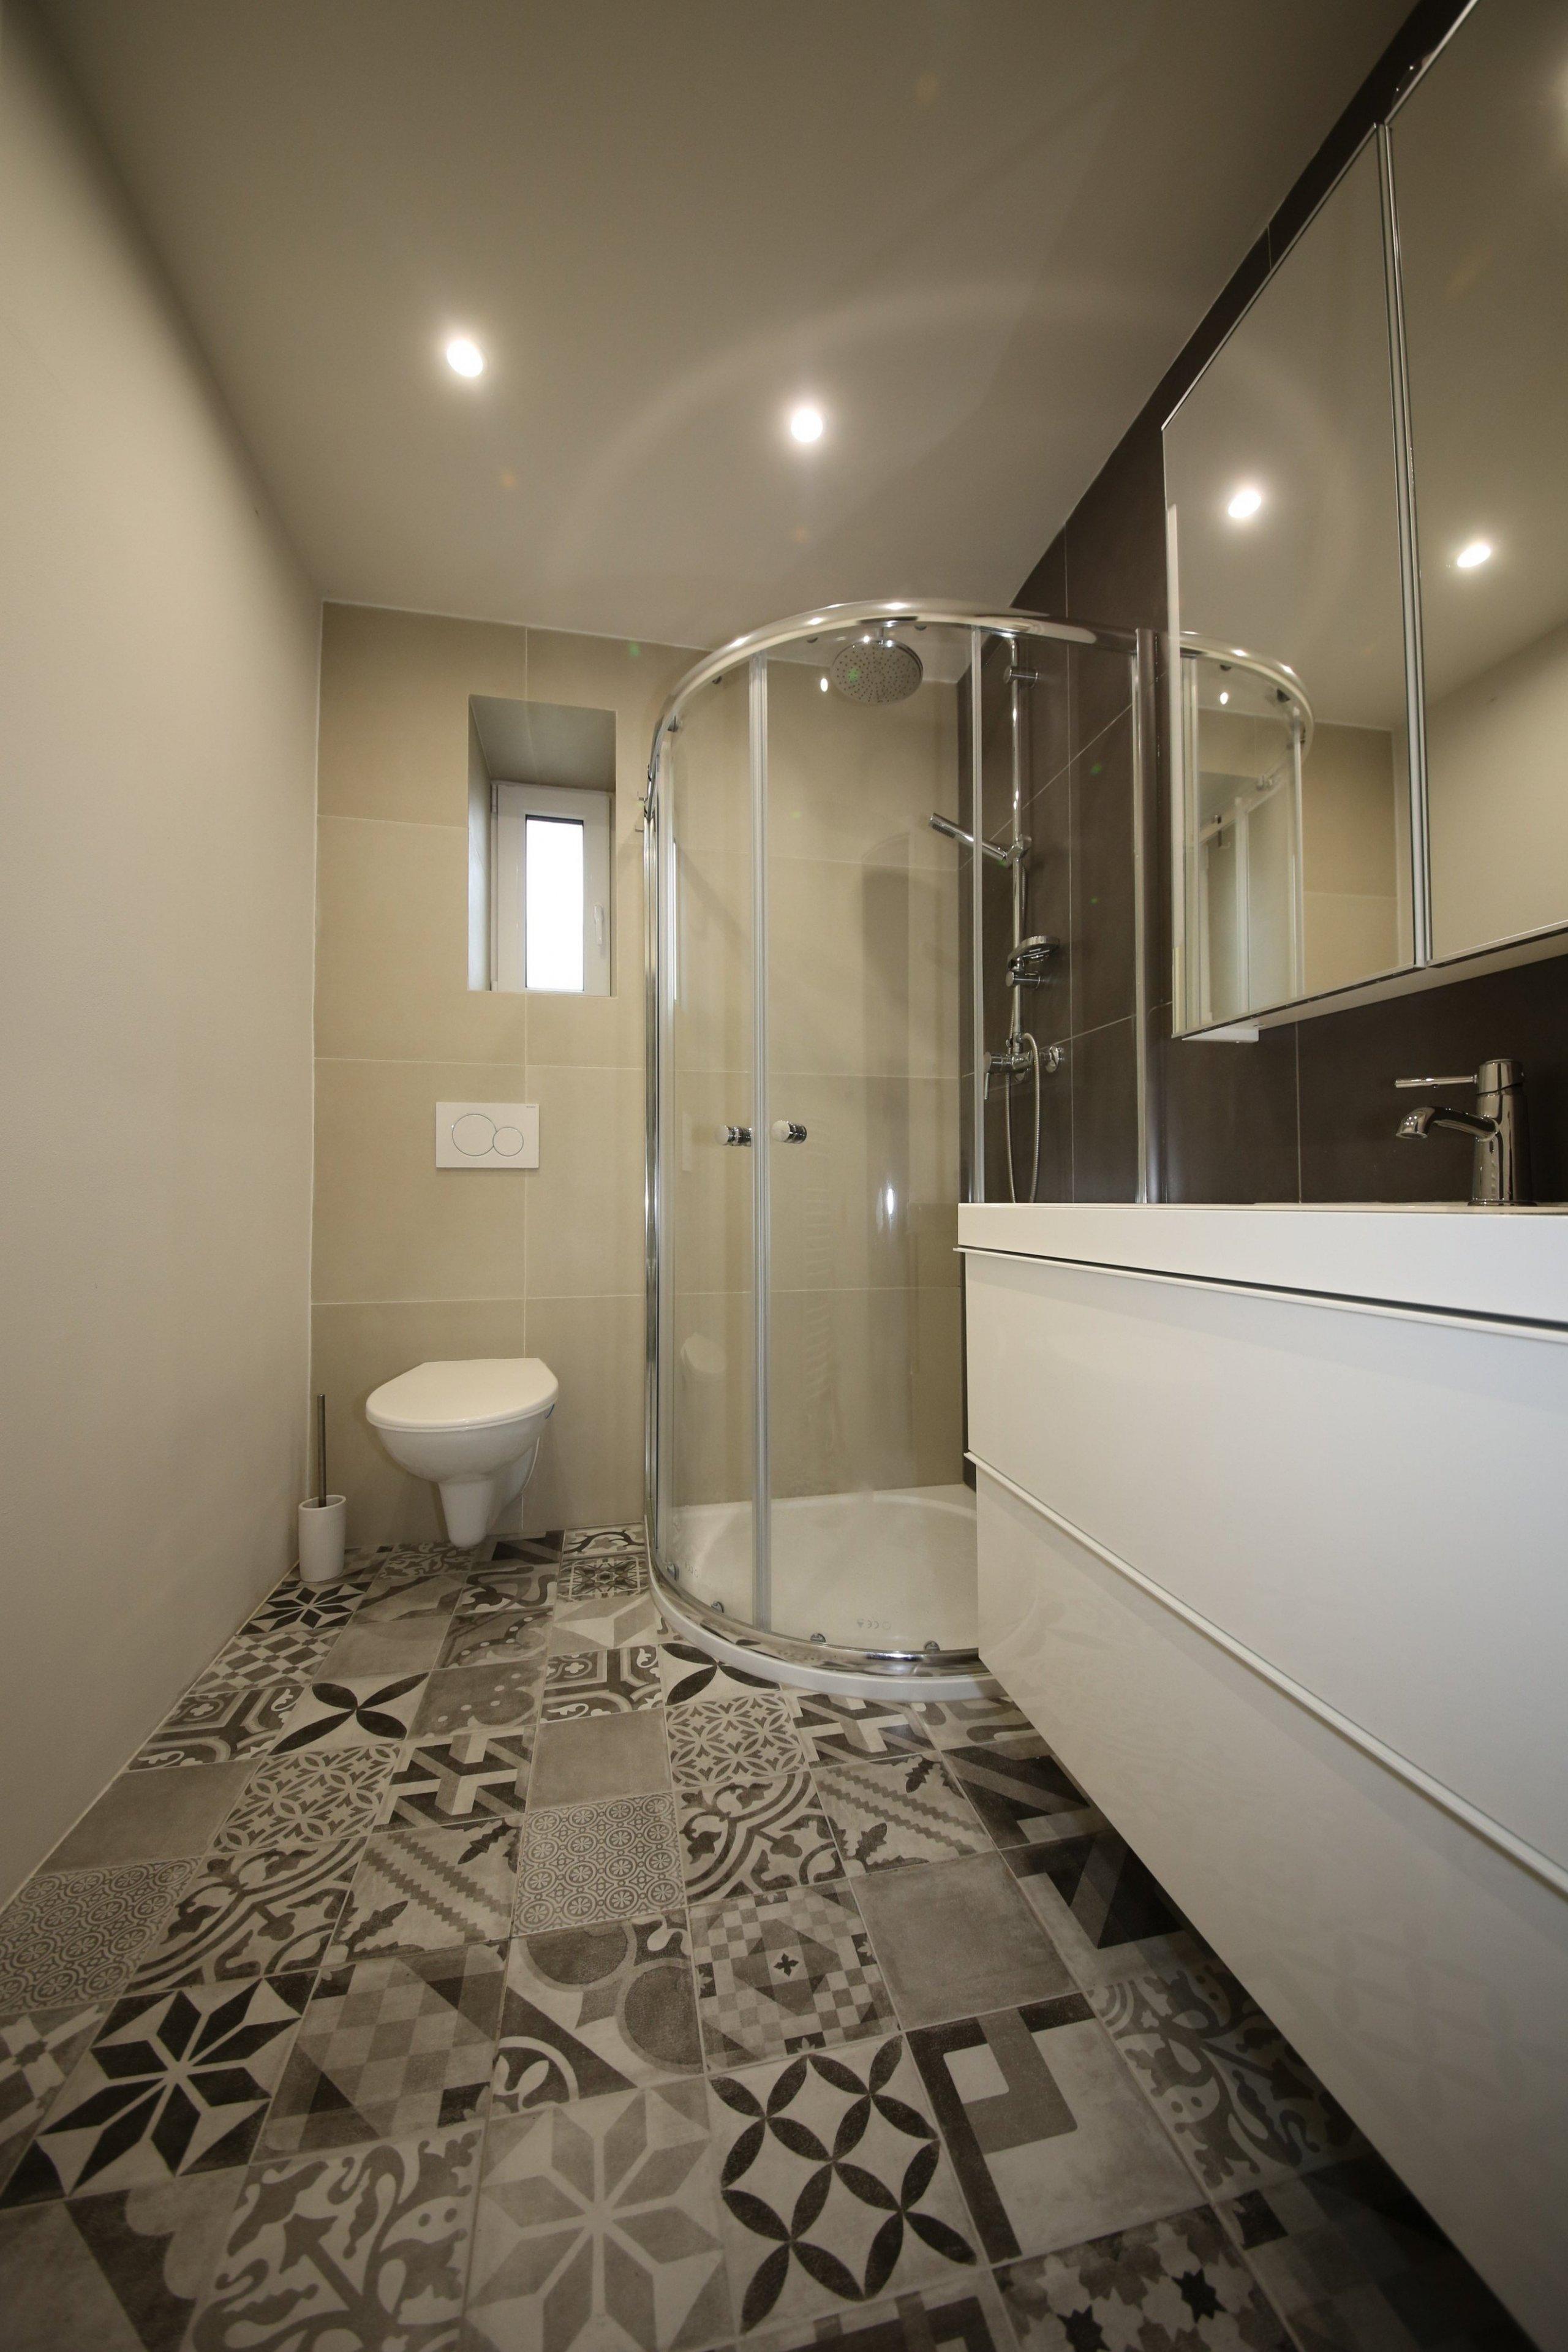 Ani malá koupelna nemusí být nudná. Výrazný dekor na podlaze jí dodává vtip a hravost.